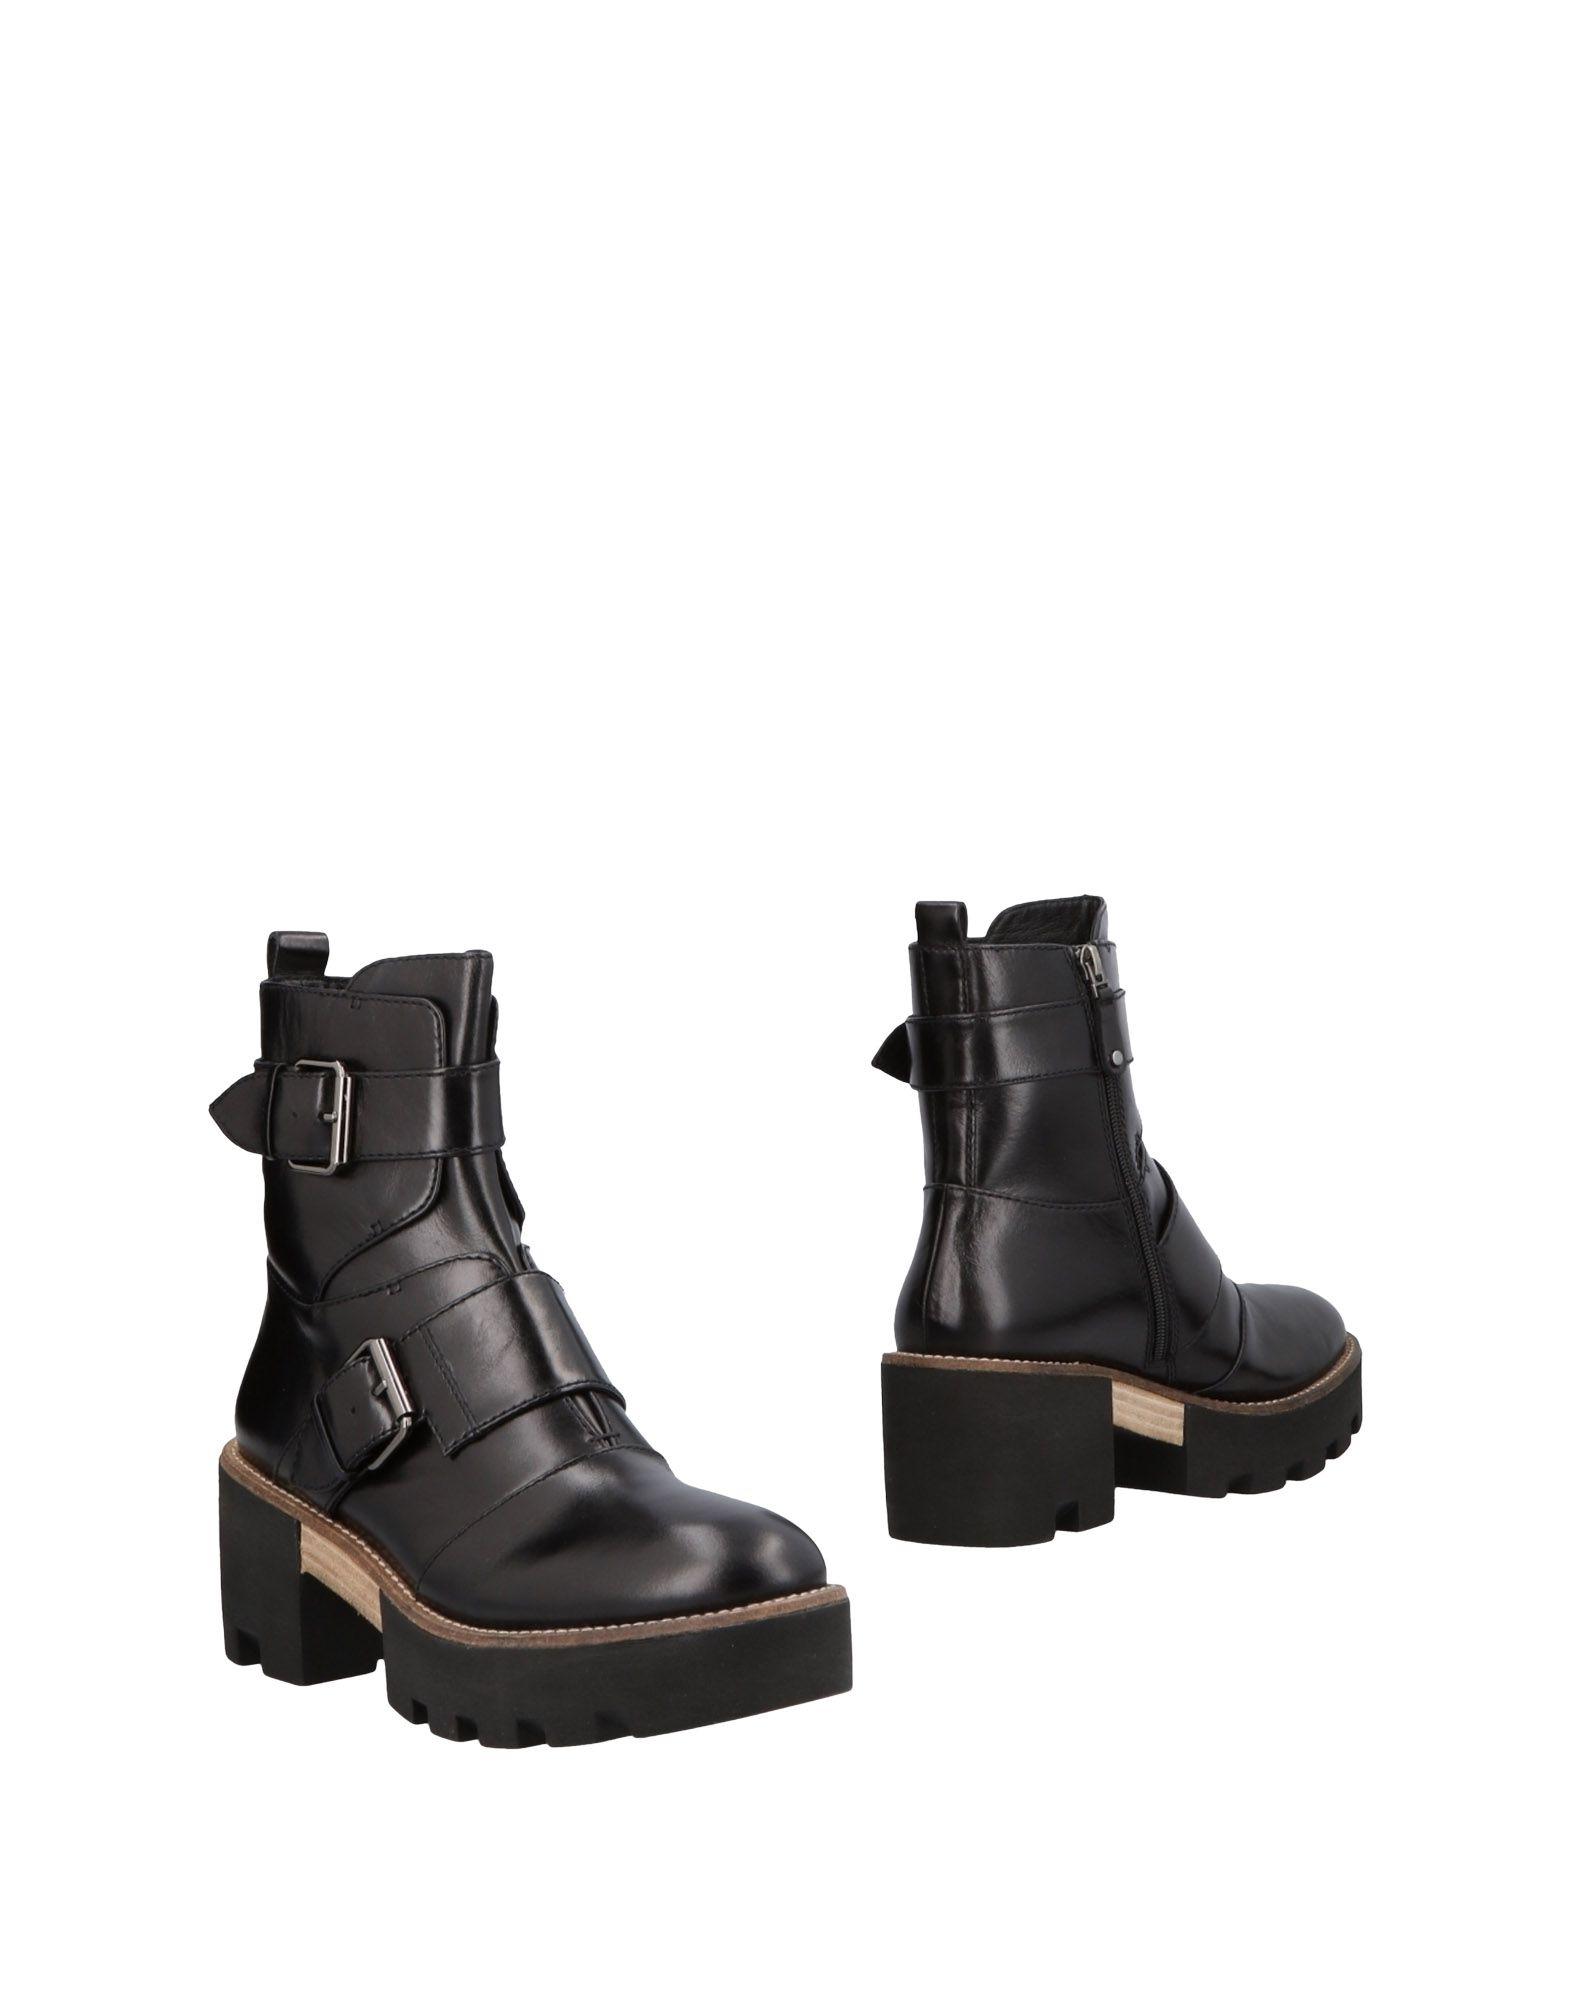 Elvio Zanon Stiefelette Damen  11494452PS Gute Qualität beliebte Schuhe